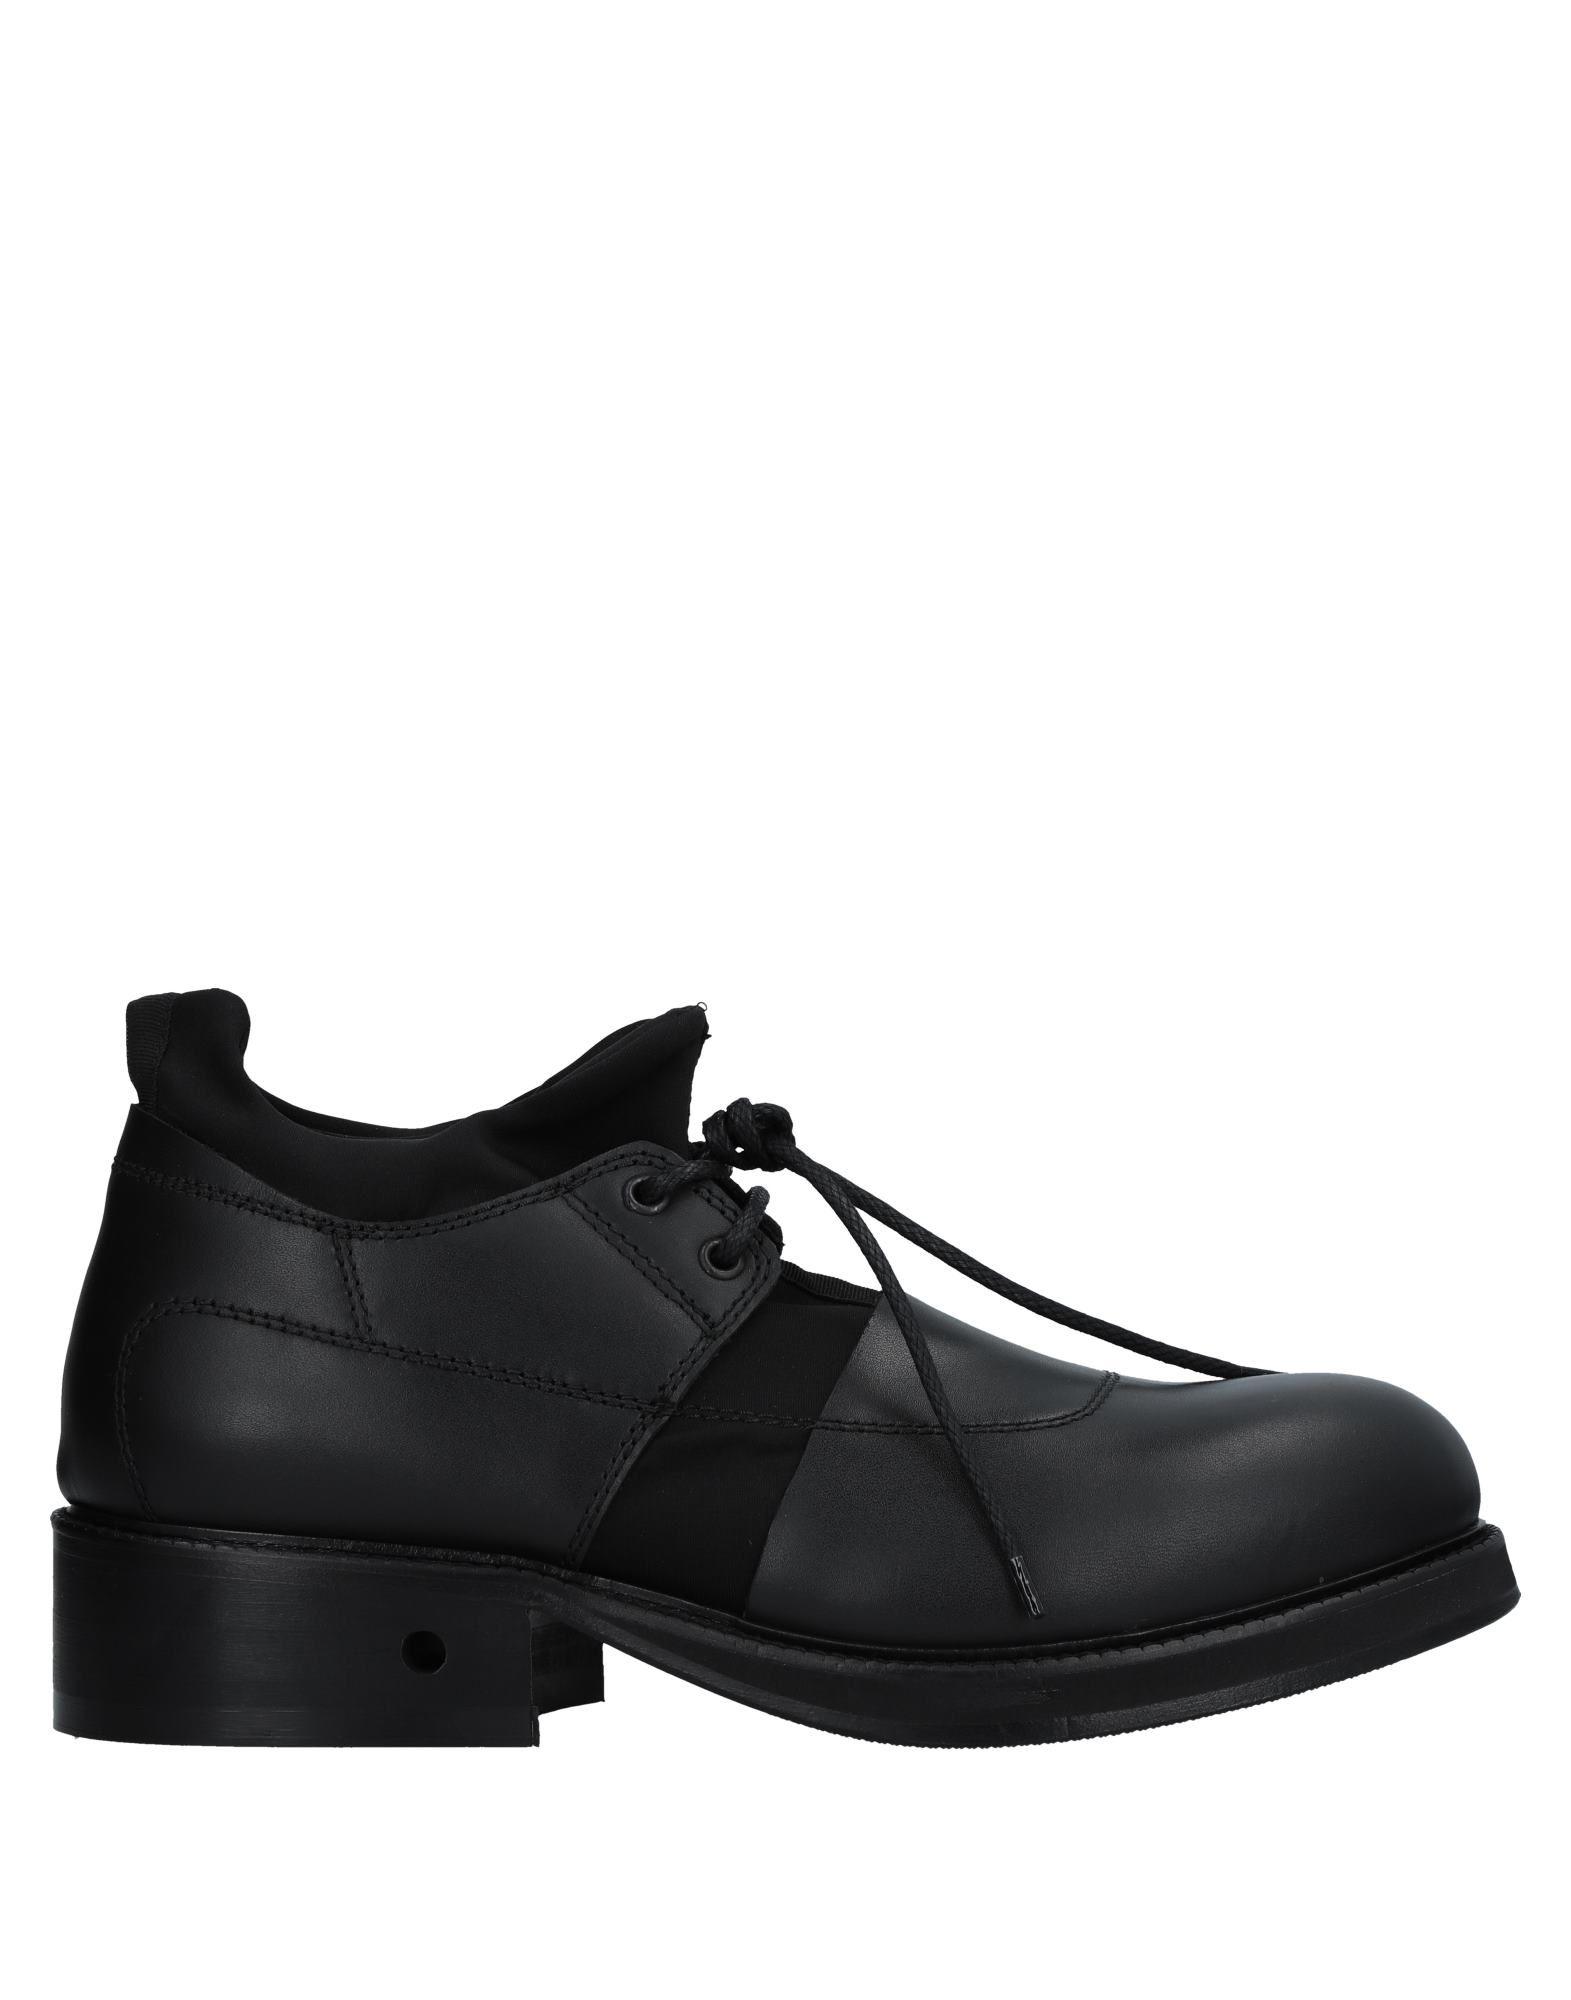 Dirk Bikkembergs Schnürschuhe Herren  11518192KA Gute Qualität beliebte Schuhe